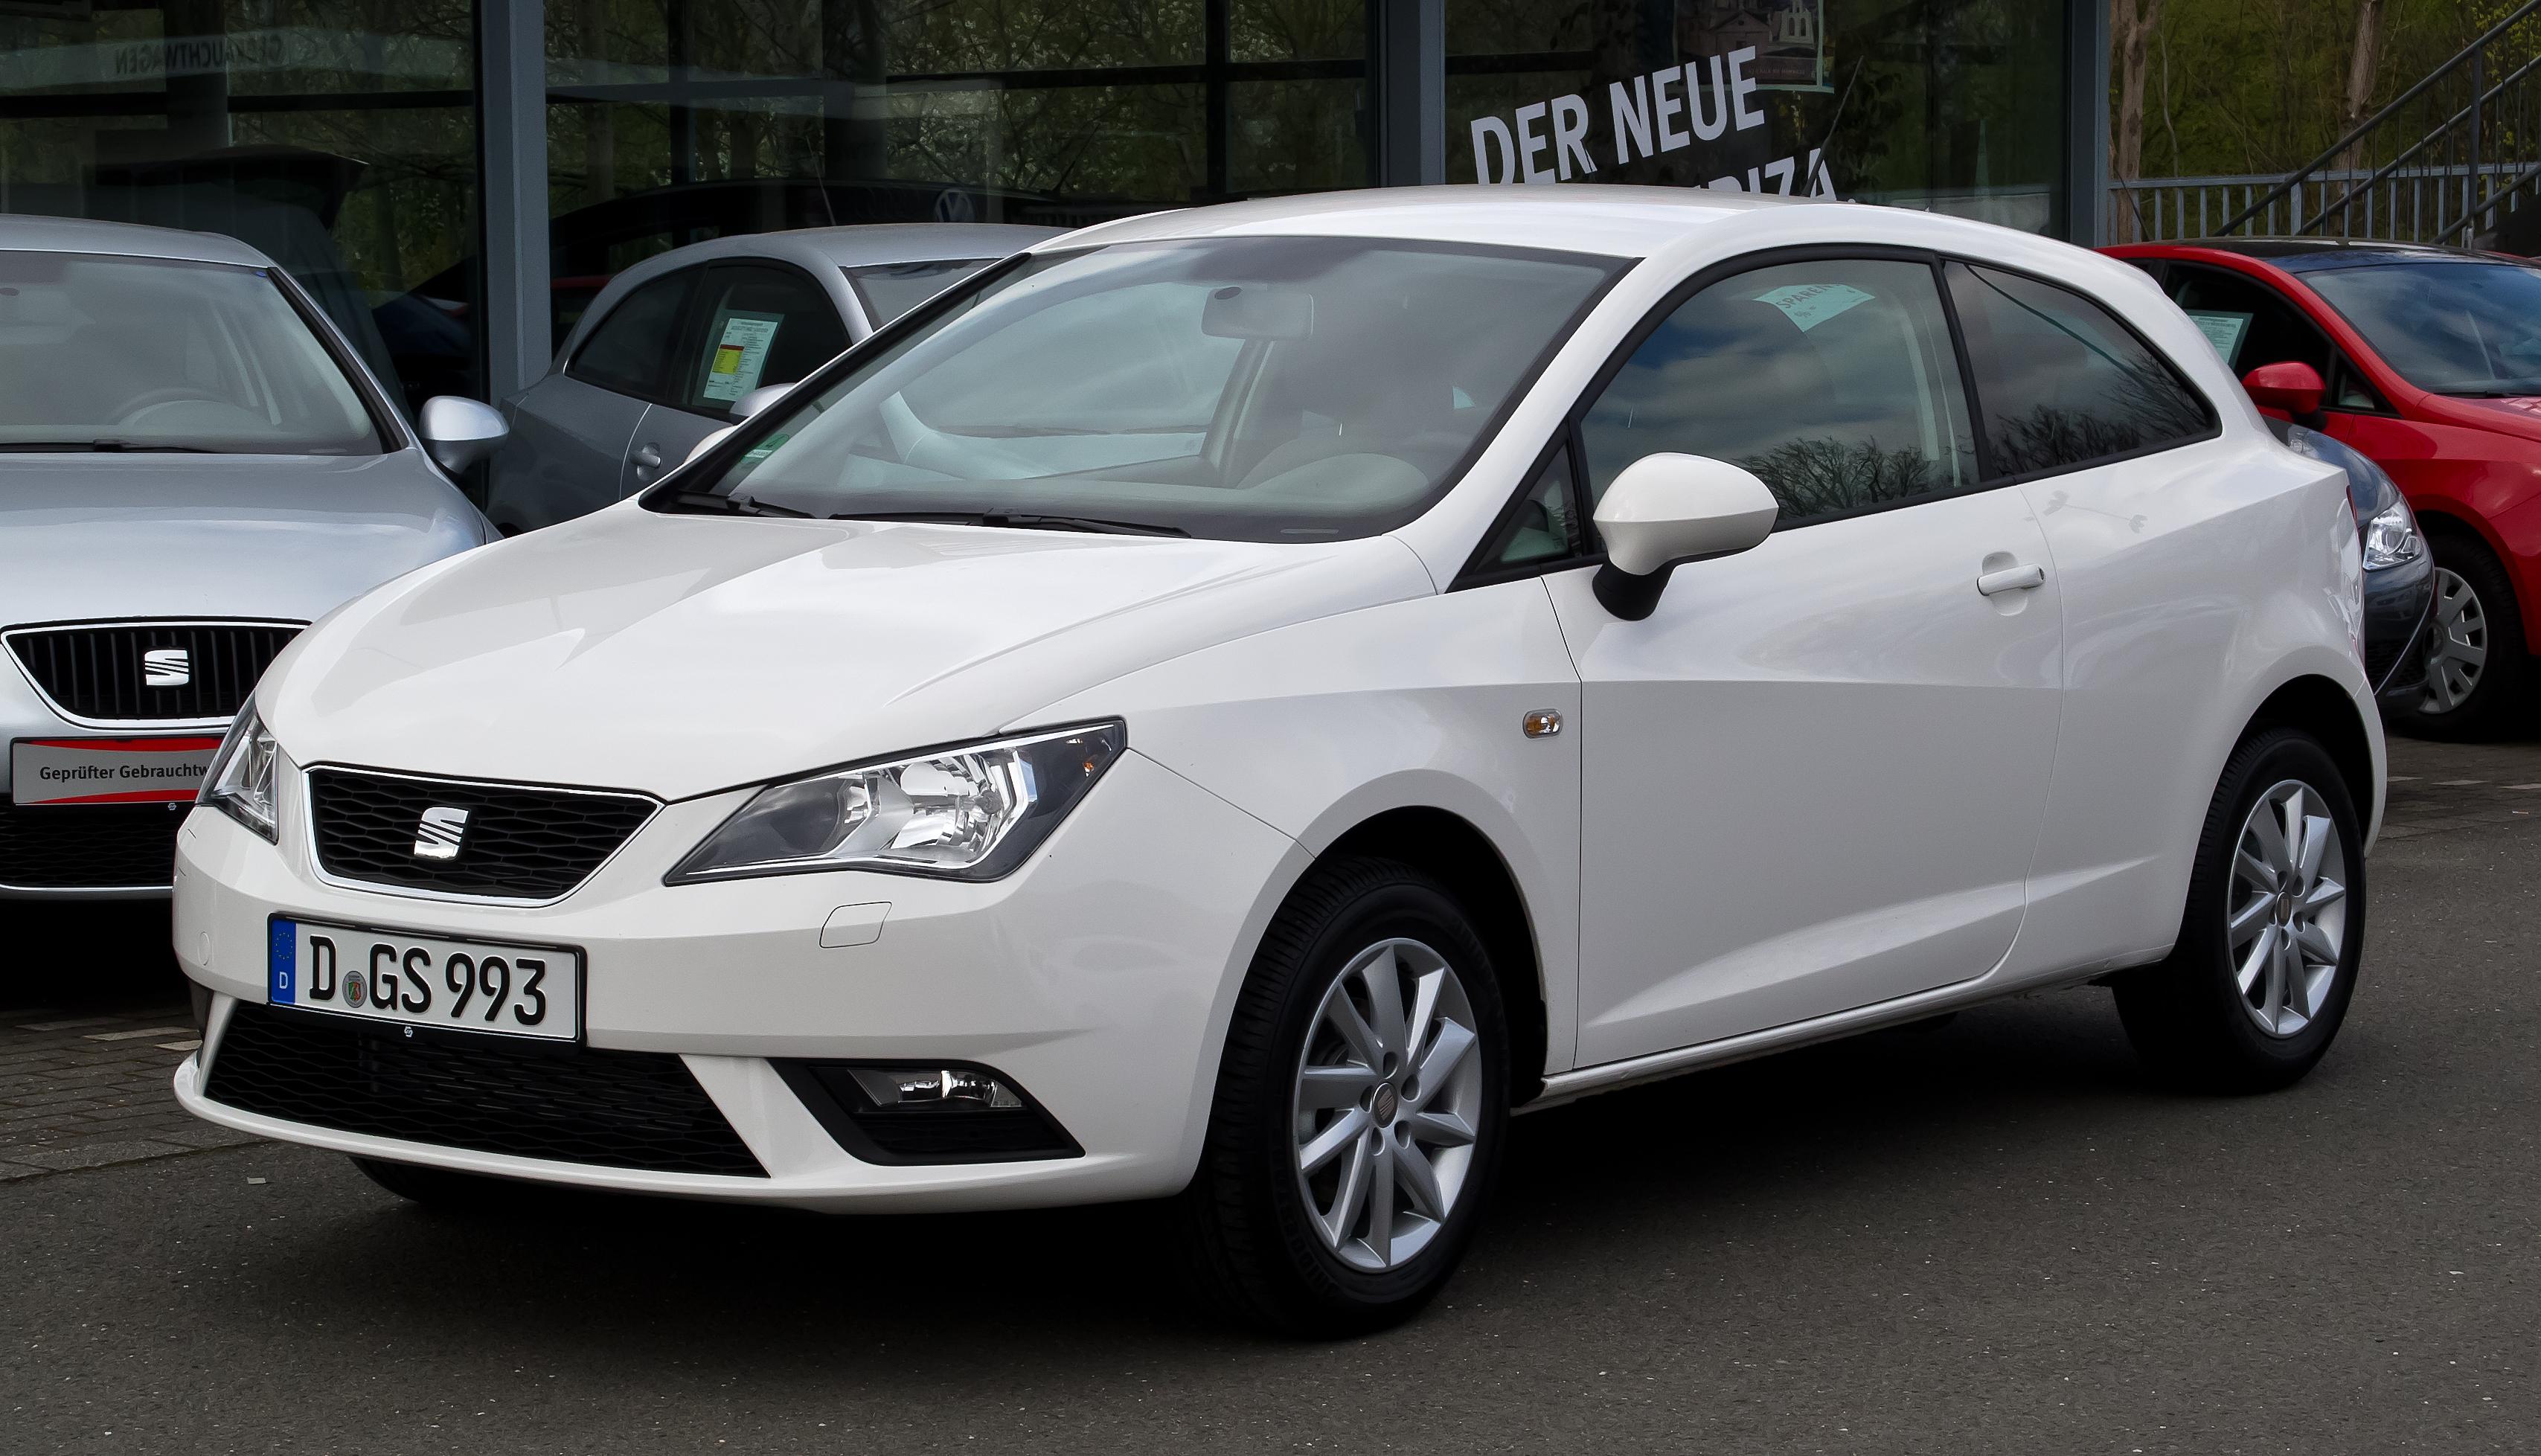 بالصور سيات ابيزا Seat Ibiza SC Style %286J, Facelift%29 %E2%80%93 Frontansicht, 31. M%C3%A4rz 2012, D%C3%BCsseldorf